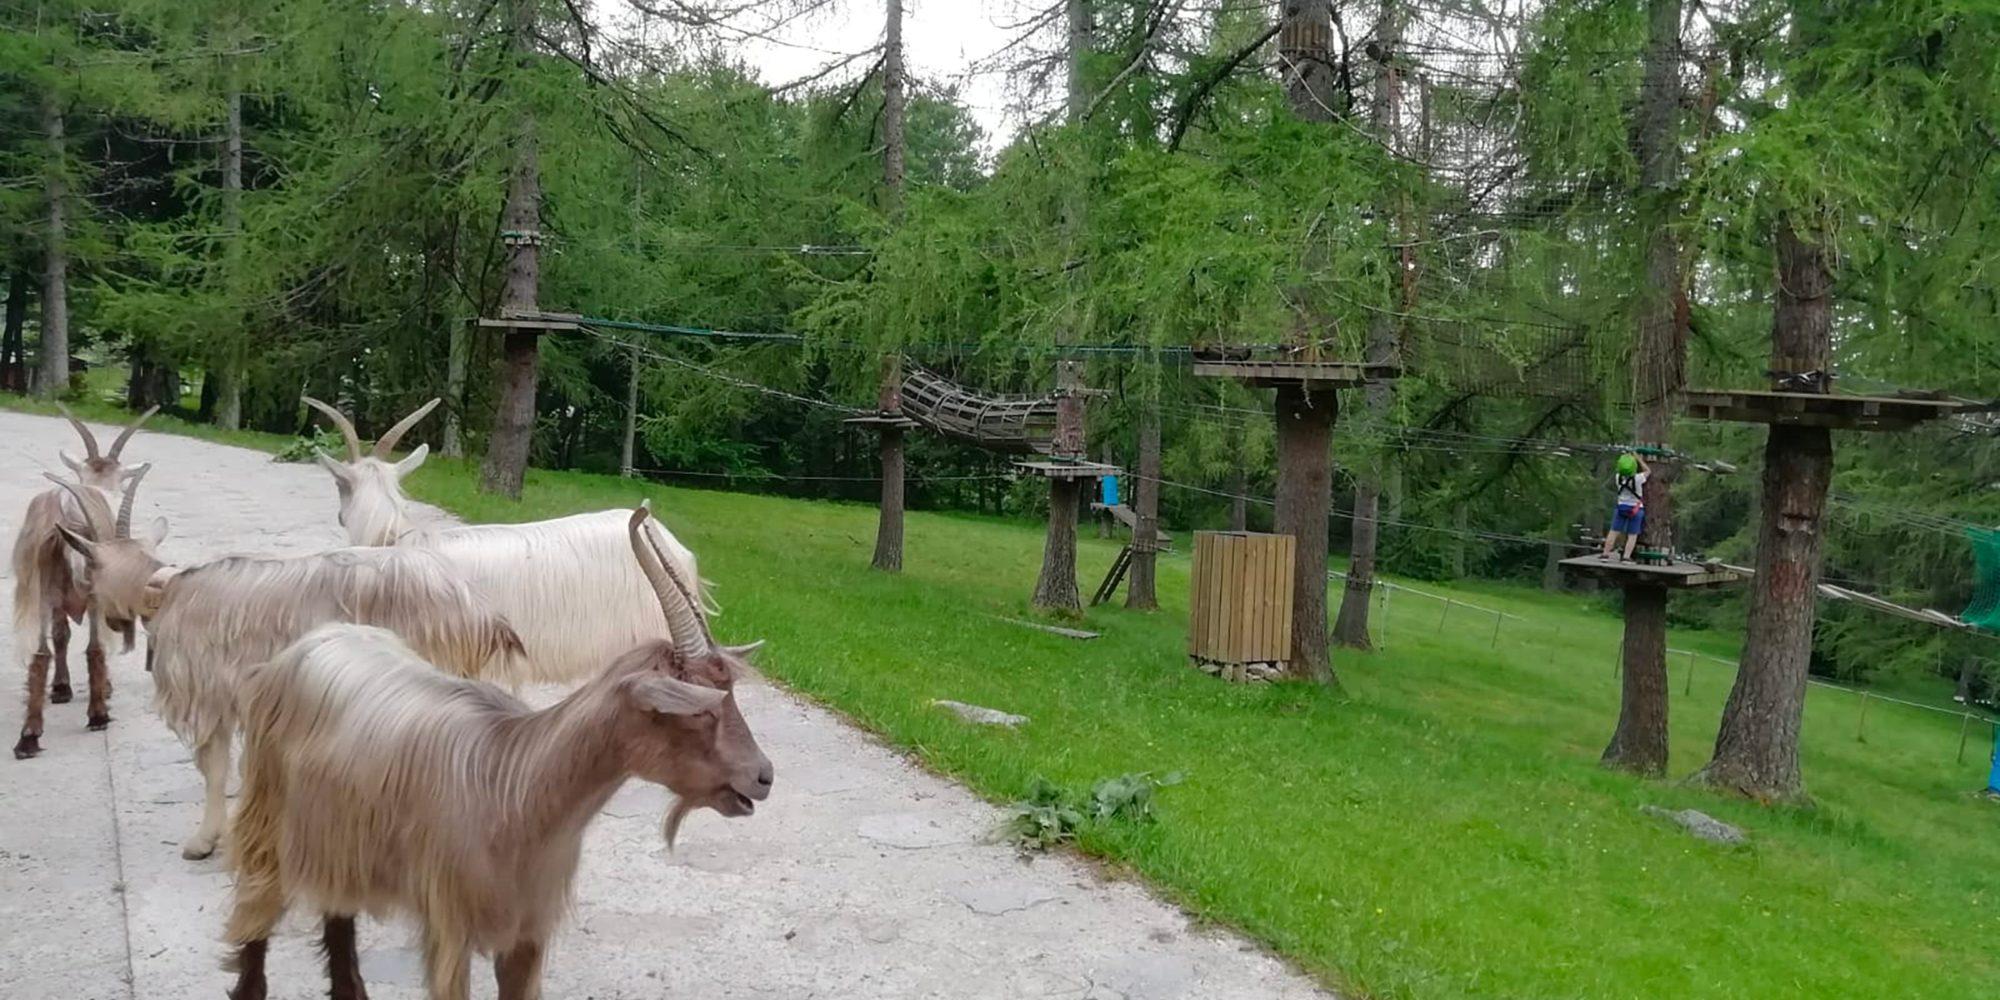 Animali pascolano nel prati di parco